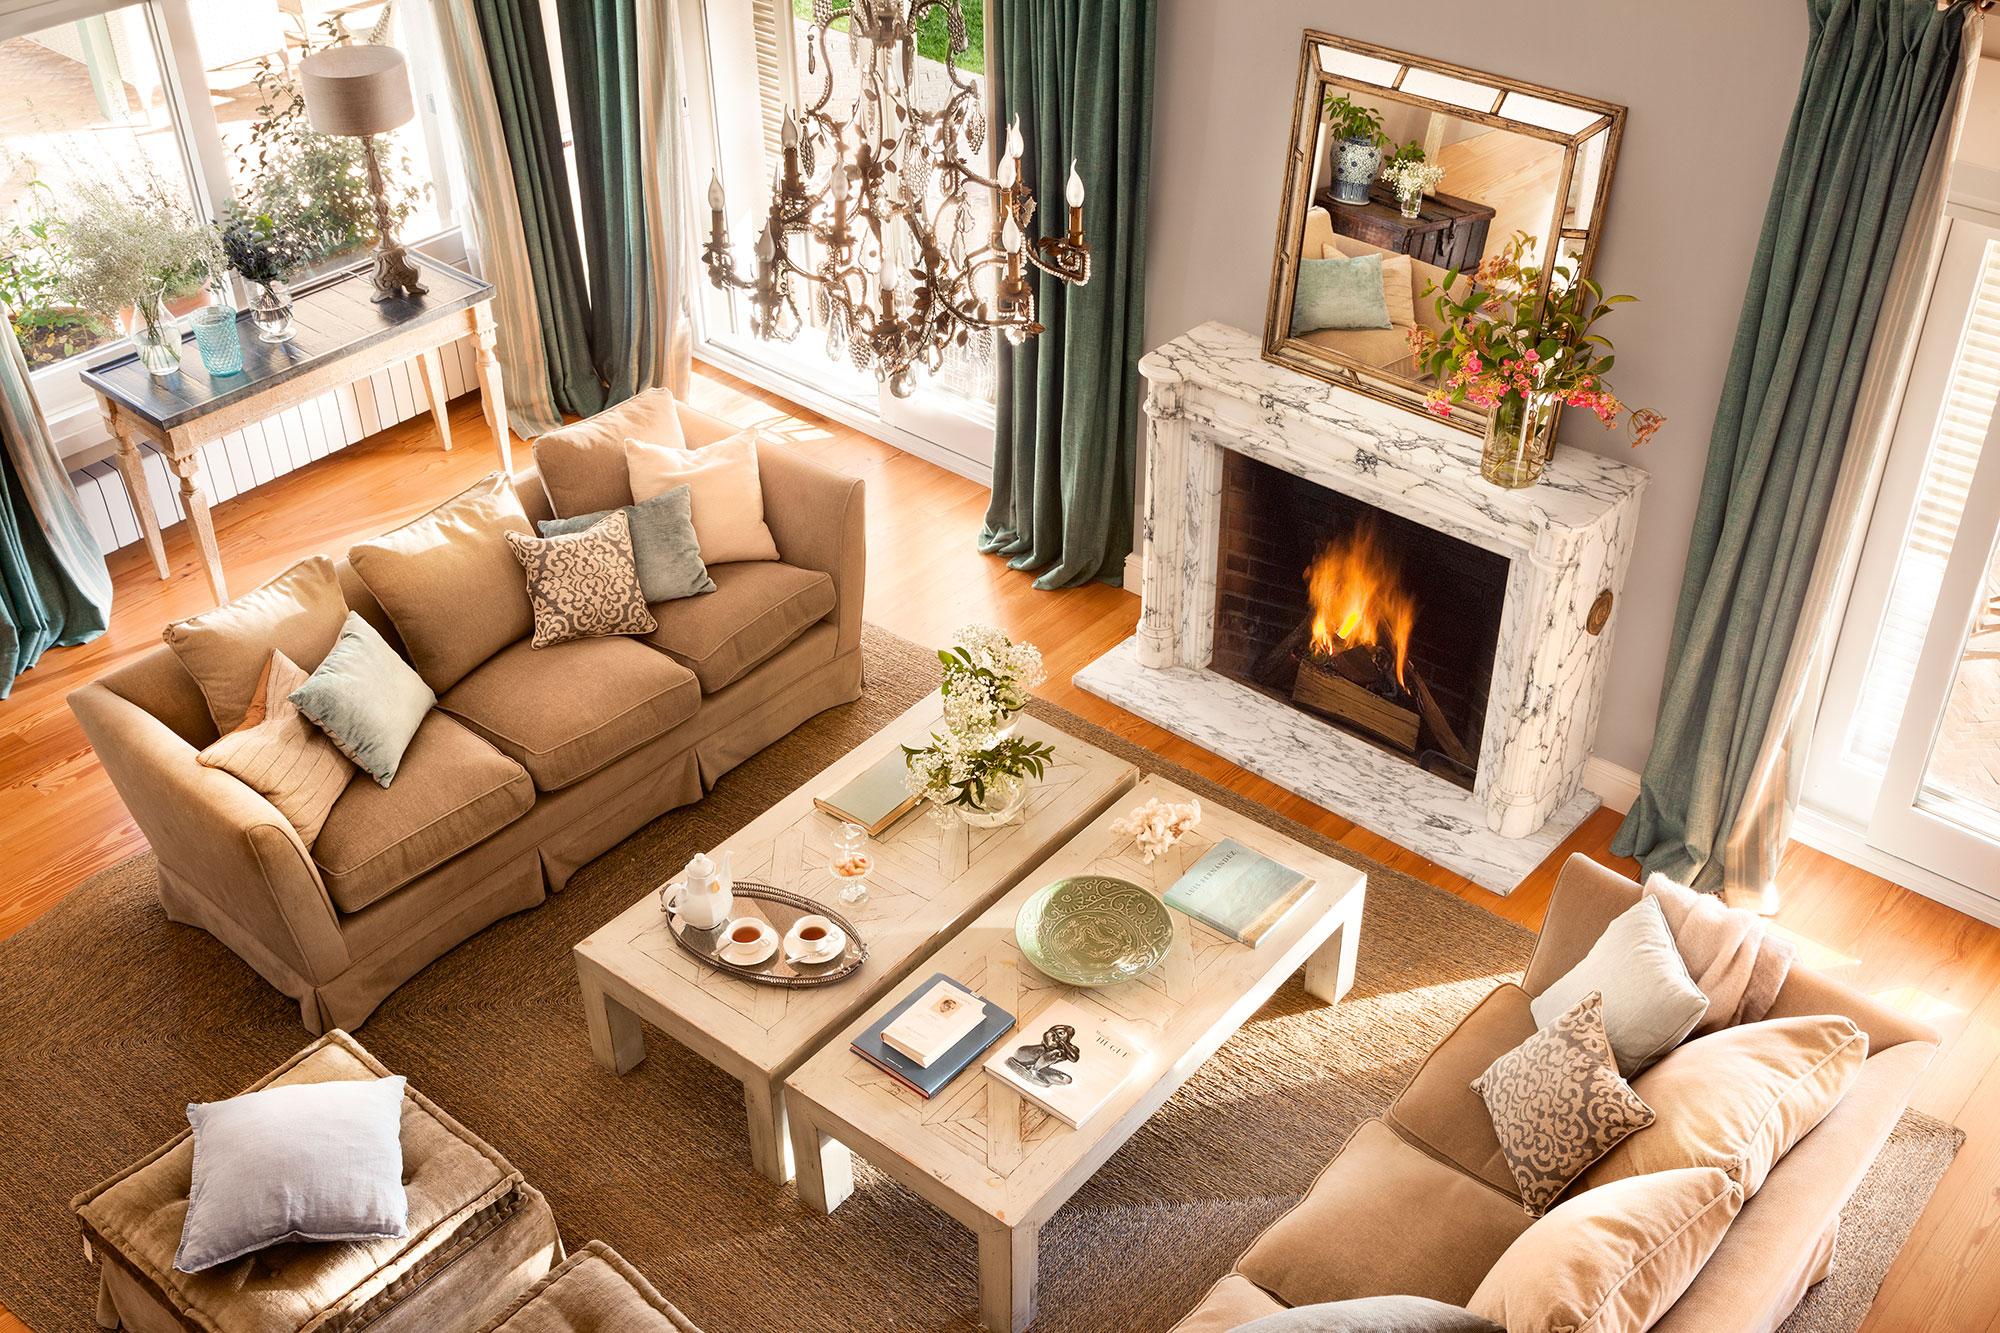 Mesas de centro for Ideas para decorar la casa facil y economico